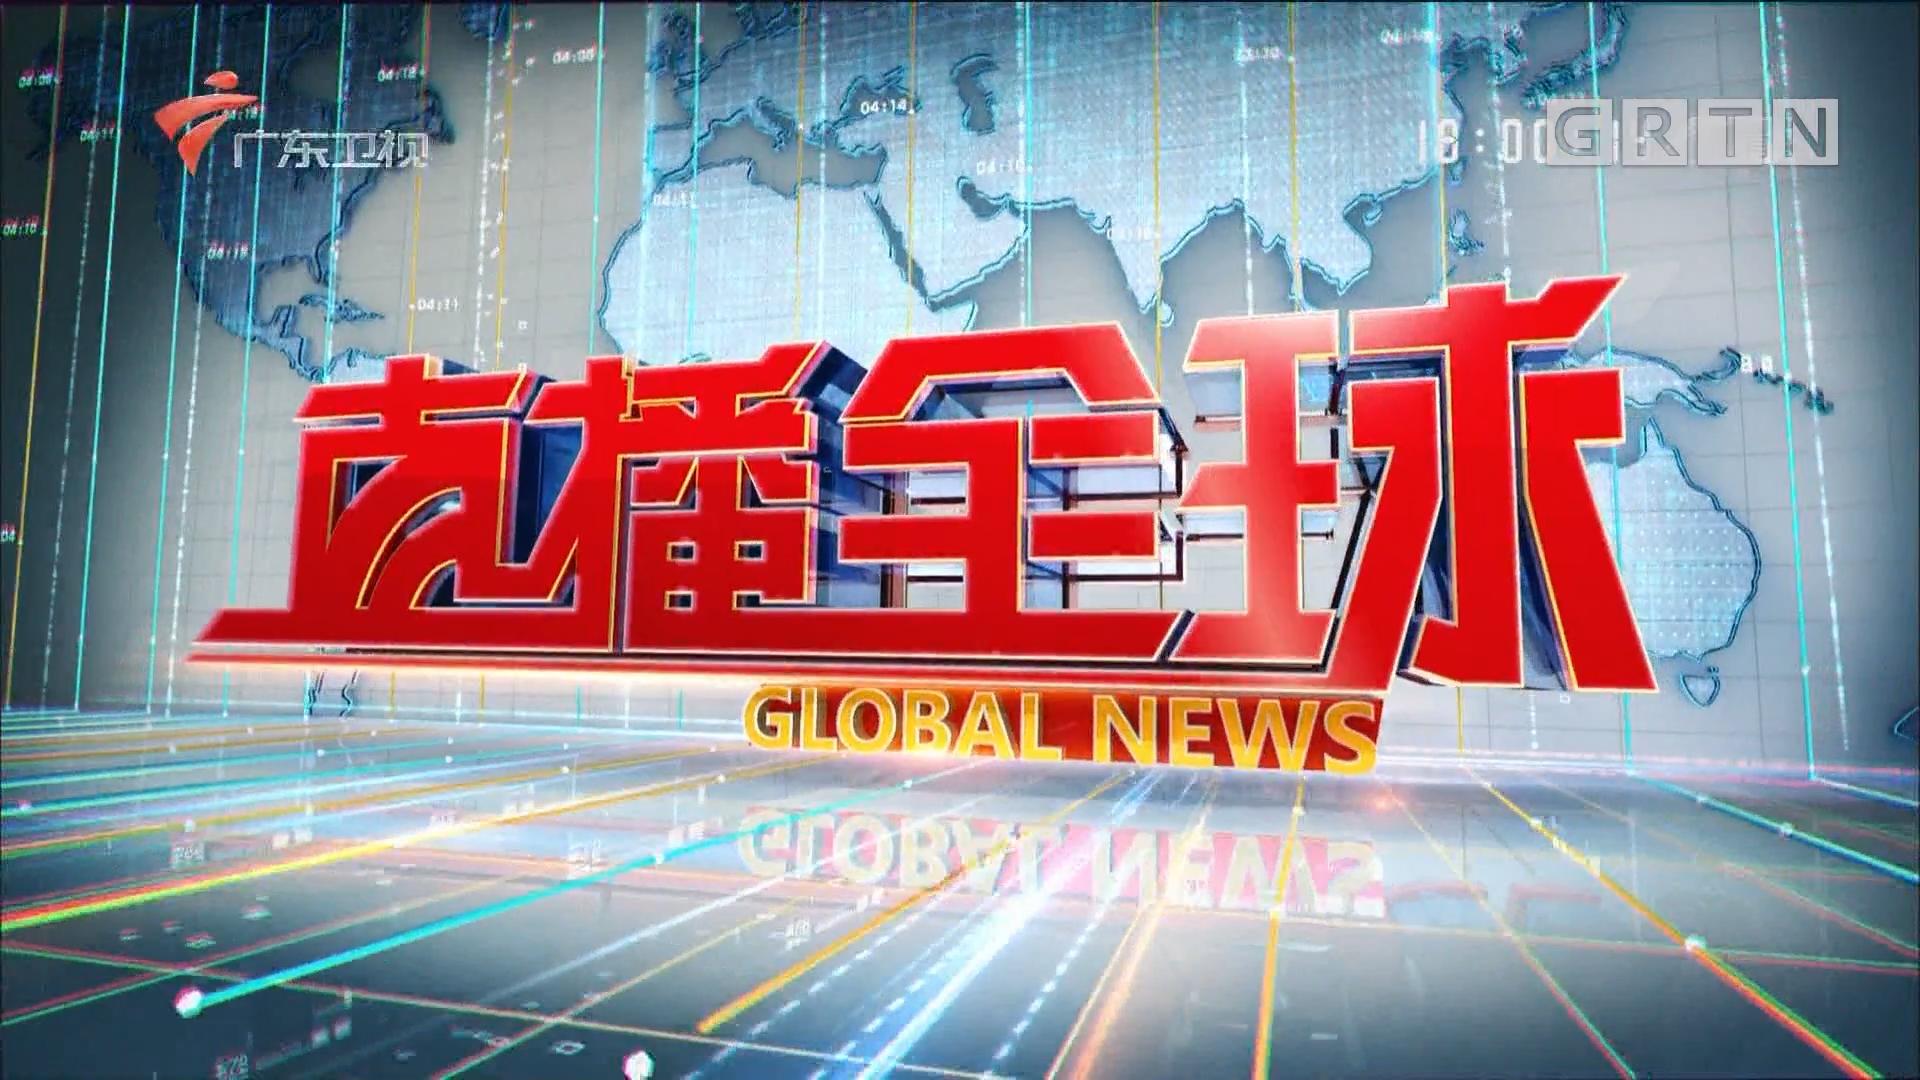 """[HD][2019-04-26]直播全球:第二届""""一带一路""""国际合作高峰论坛在京开幕:习近平出席并发表主旨演讲"""